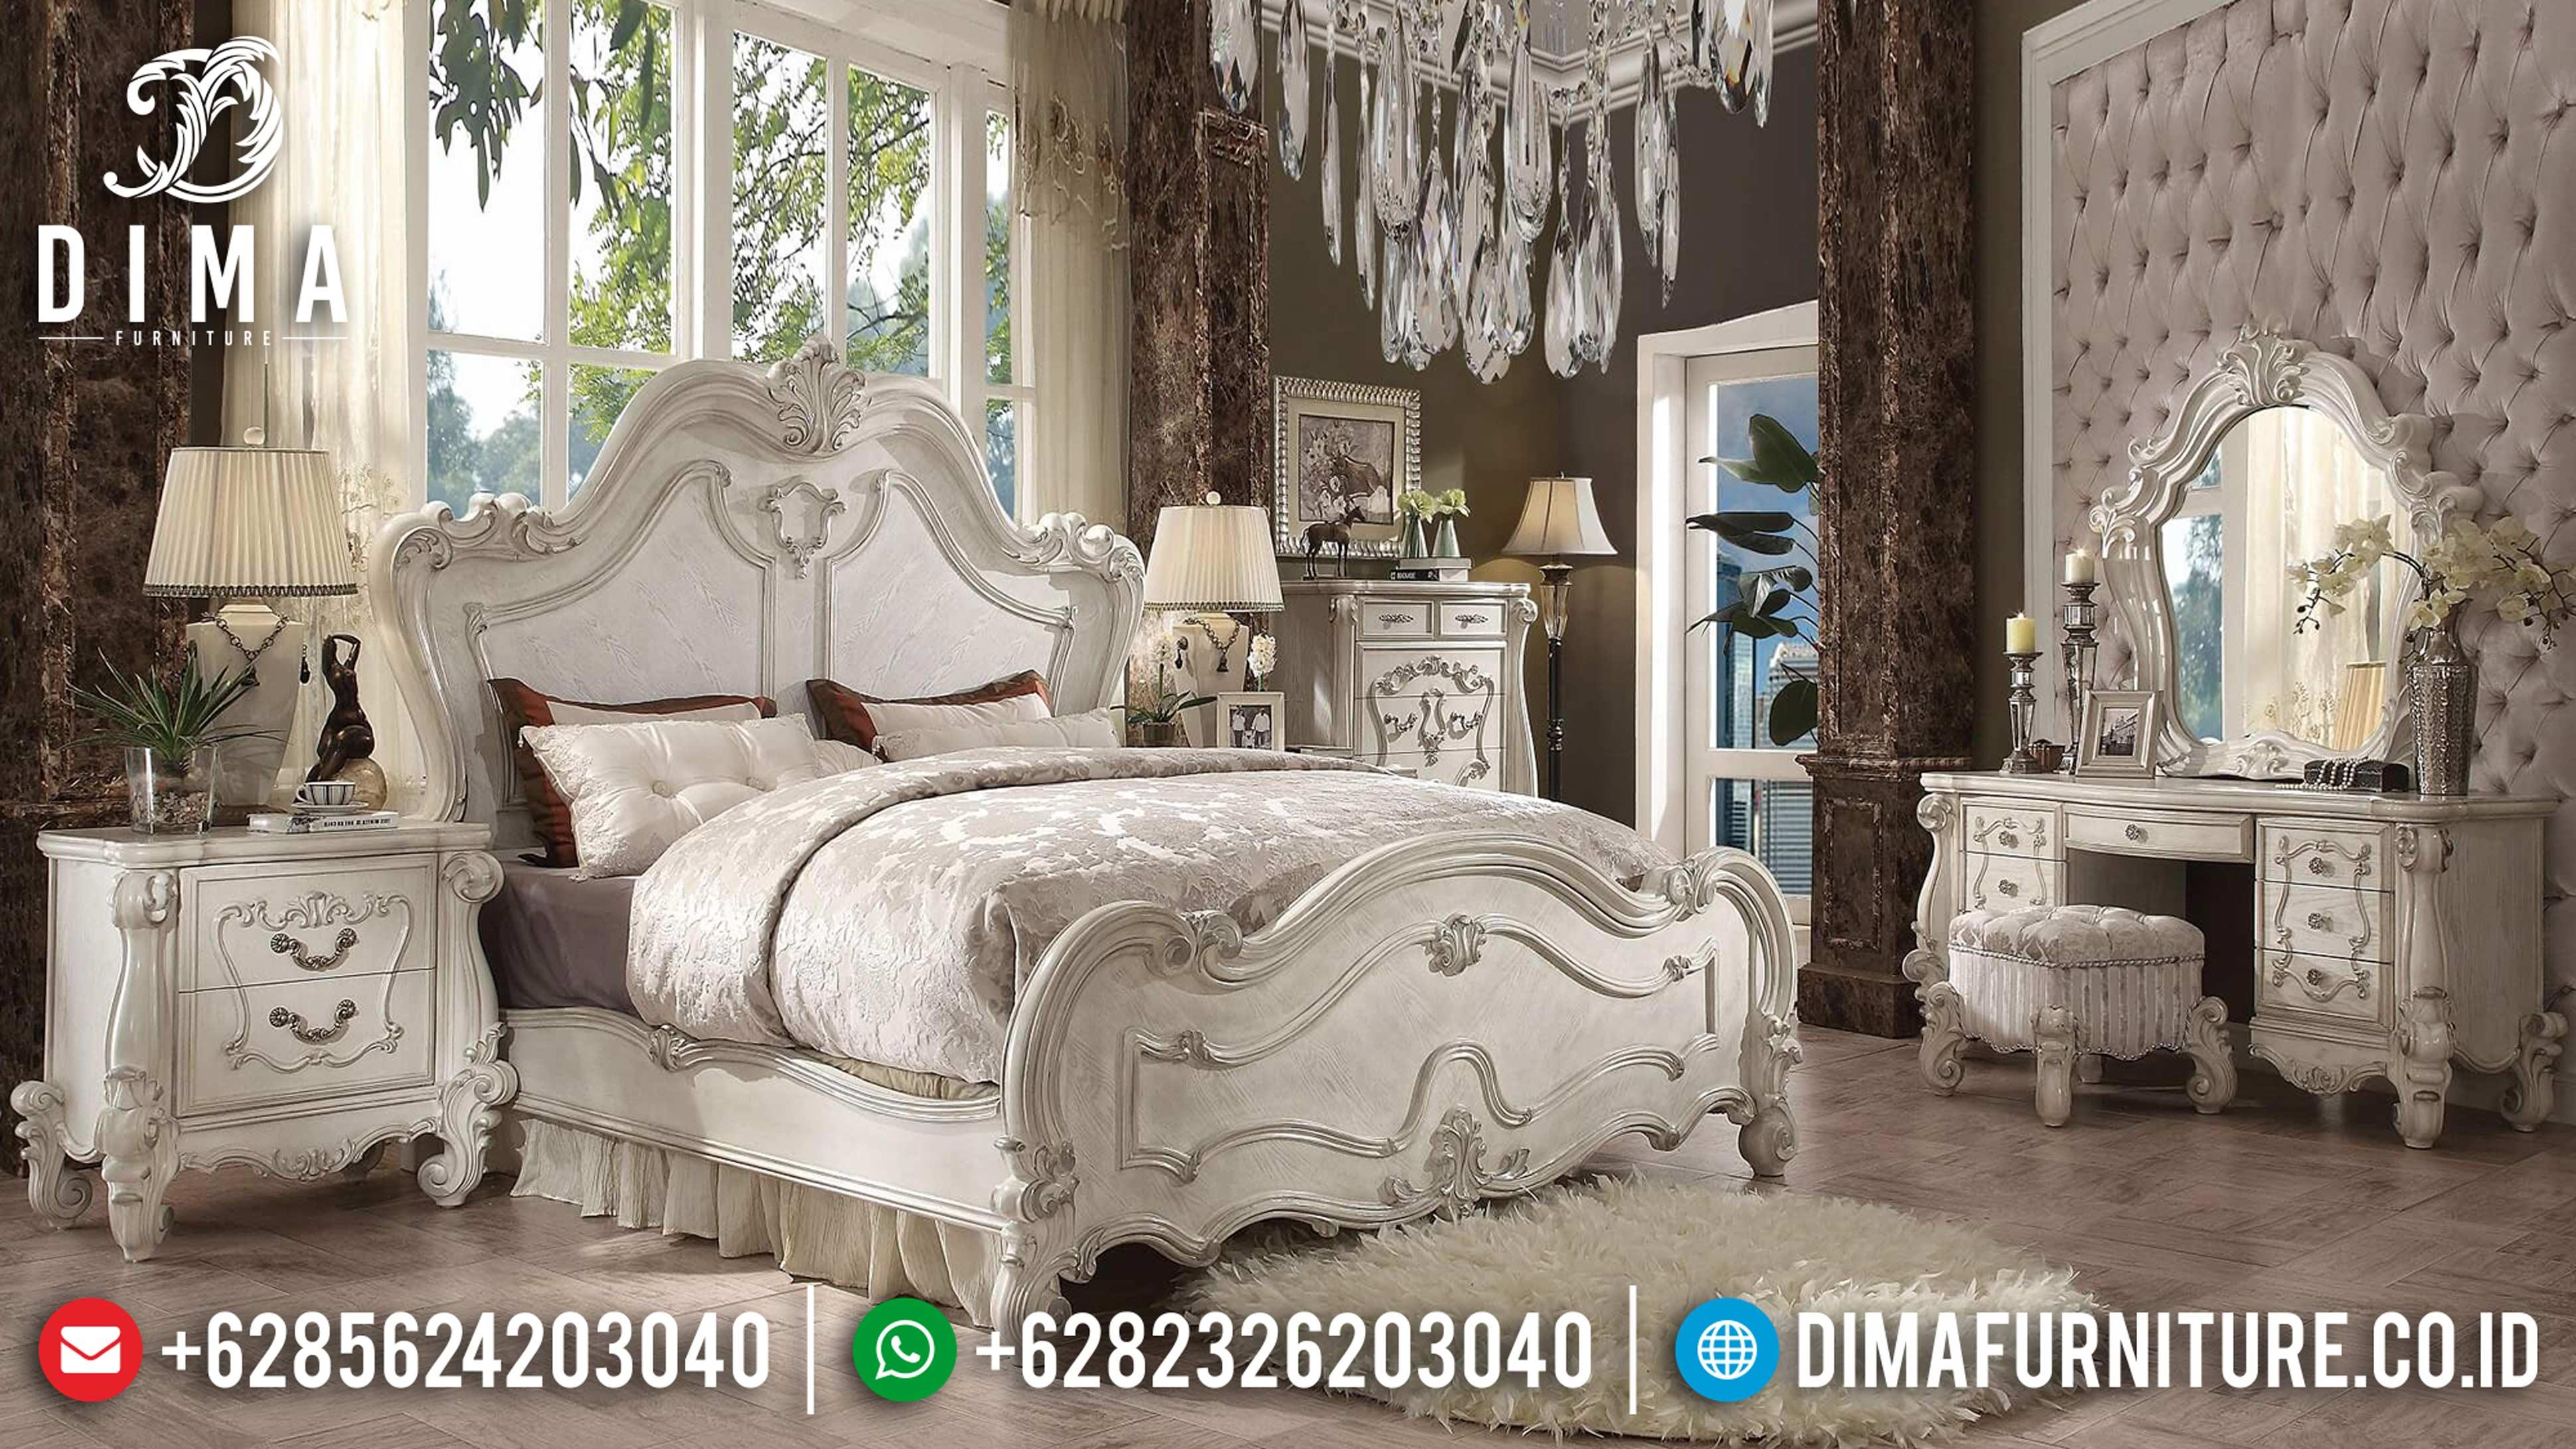 20+ Tempat Tidur Jepara Mewah Dan Minimalis Pilihan Tahun 2019 024 Dima Furniture Jepara